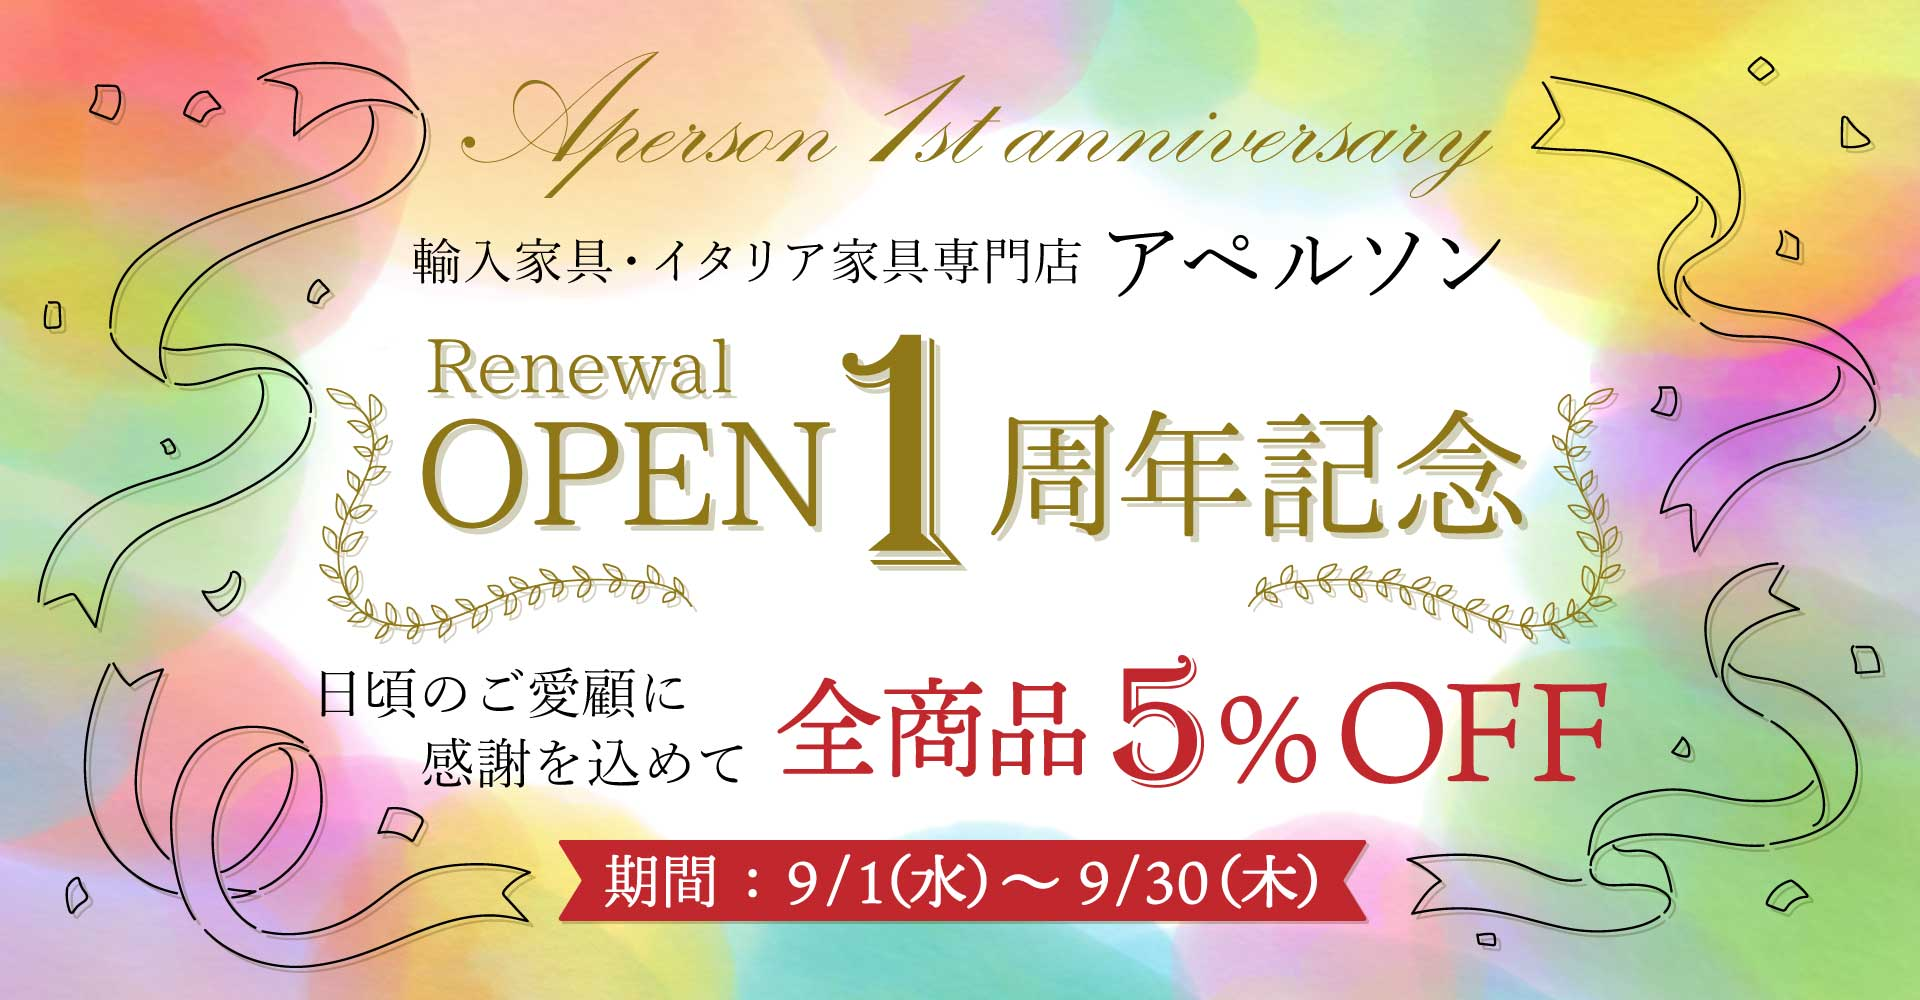 リニューアルオープン1周年記念 全商品5%OFF